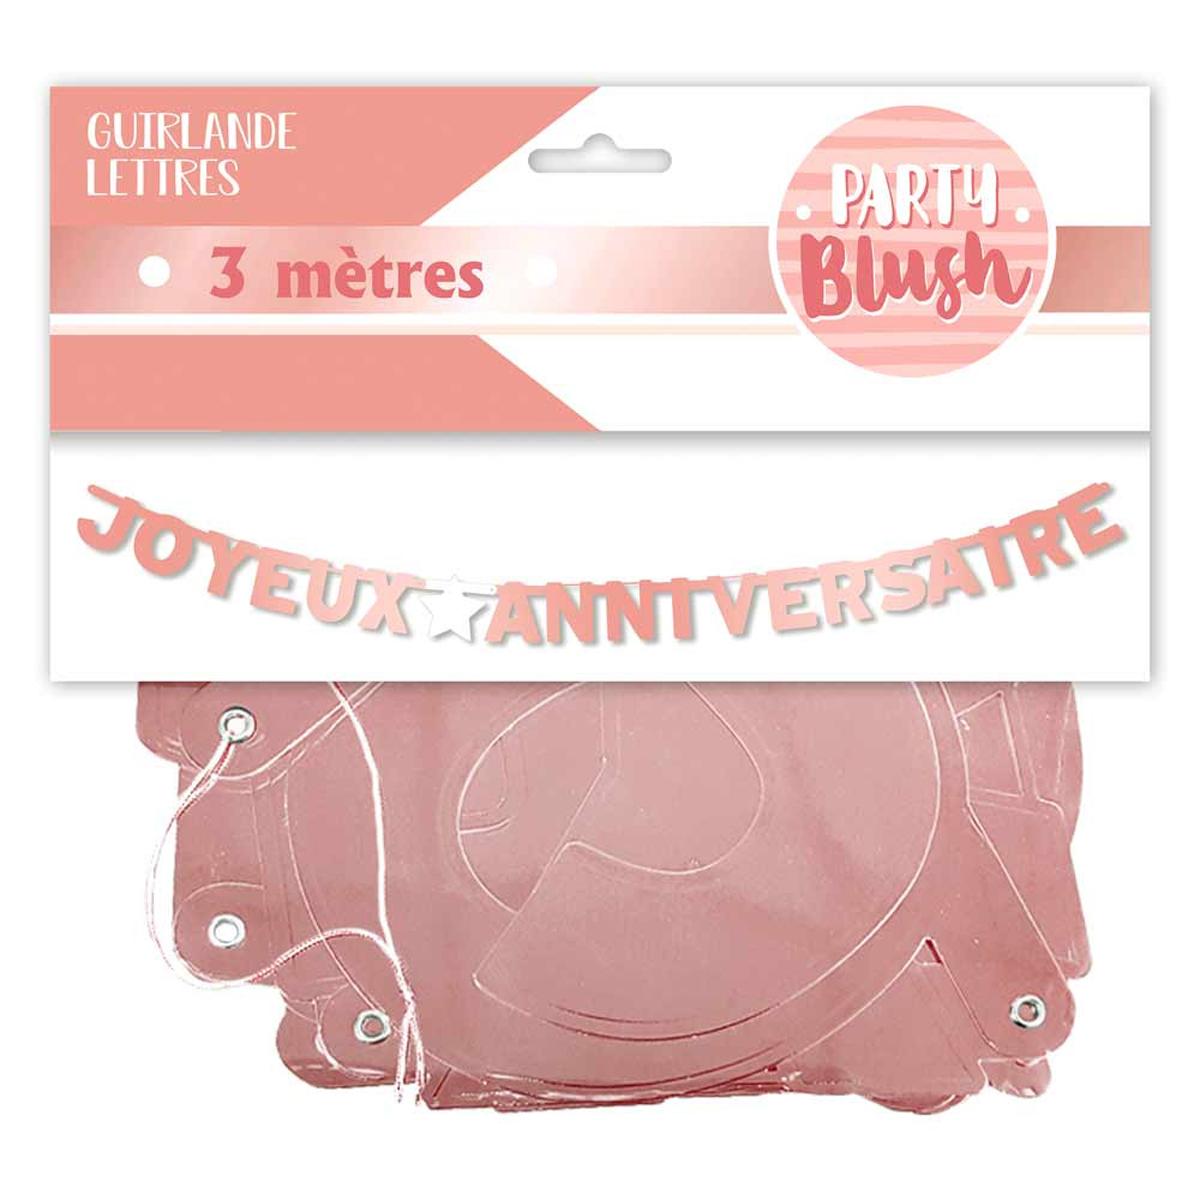 Guirlande \'Joyeux Anniversaire\' rosé (blush) - 3 m - [A0408]